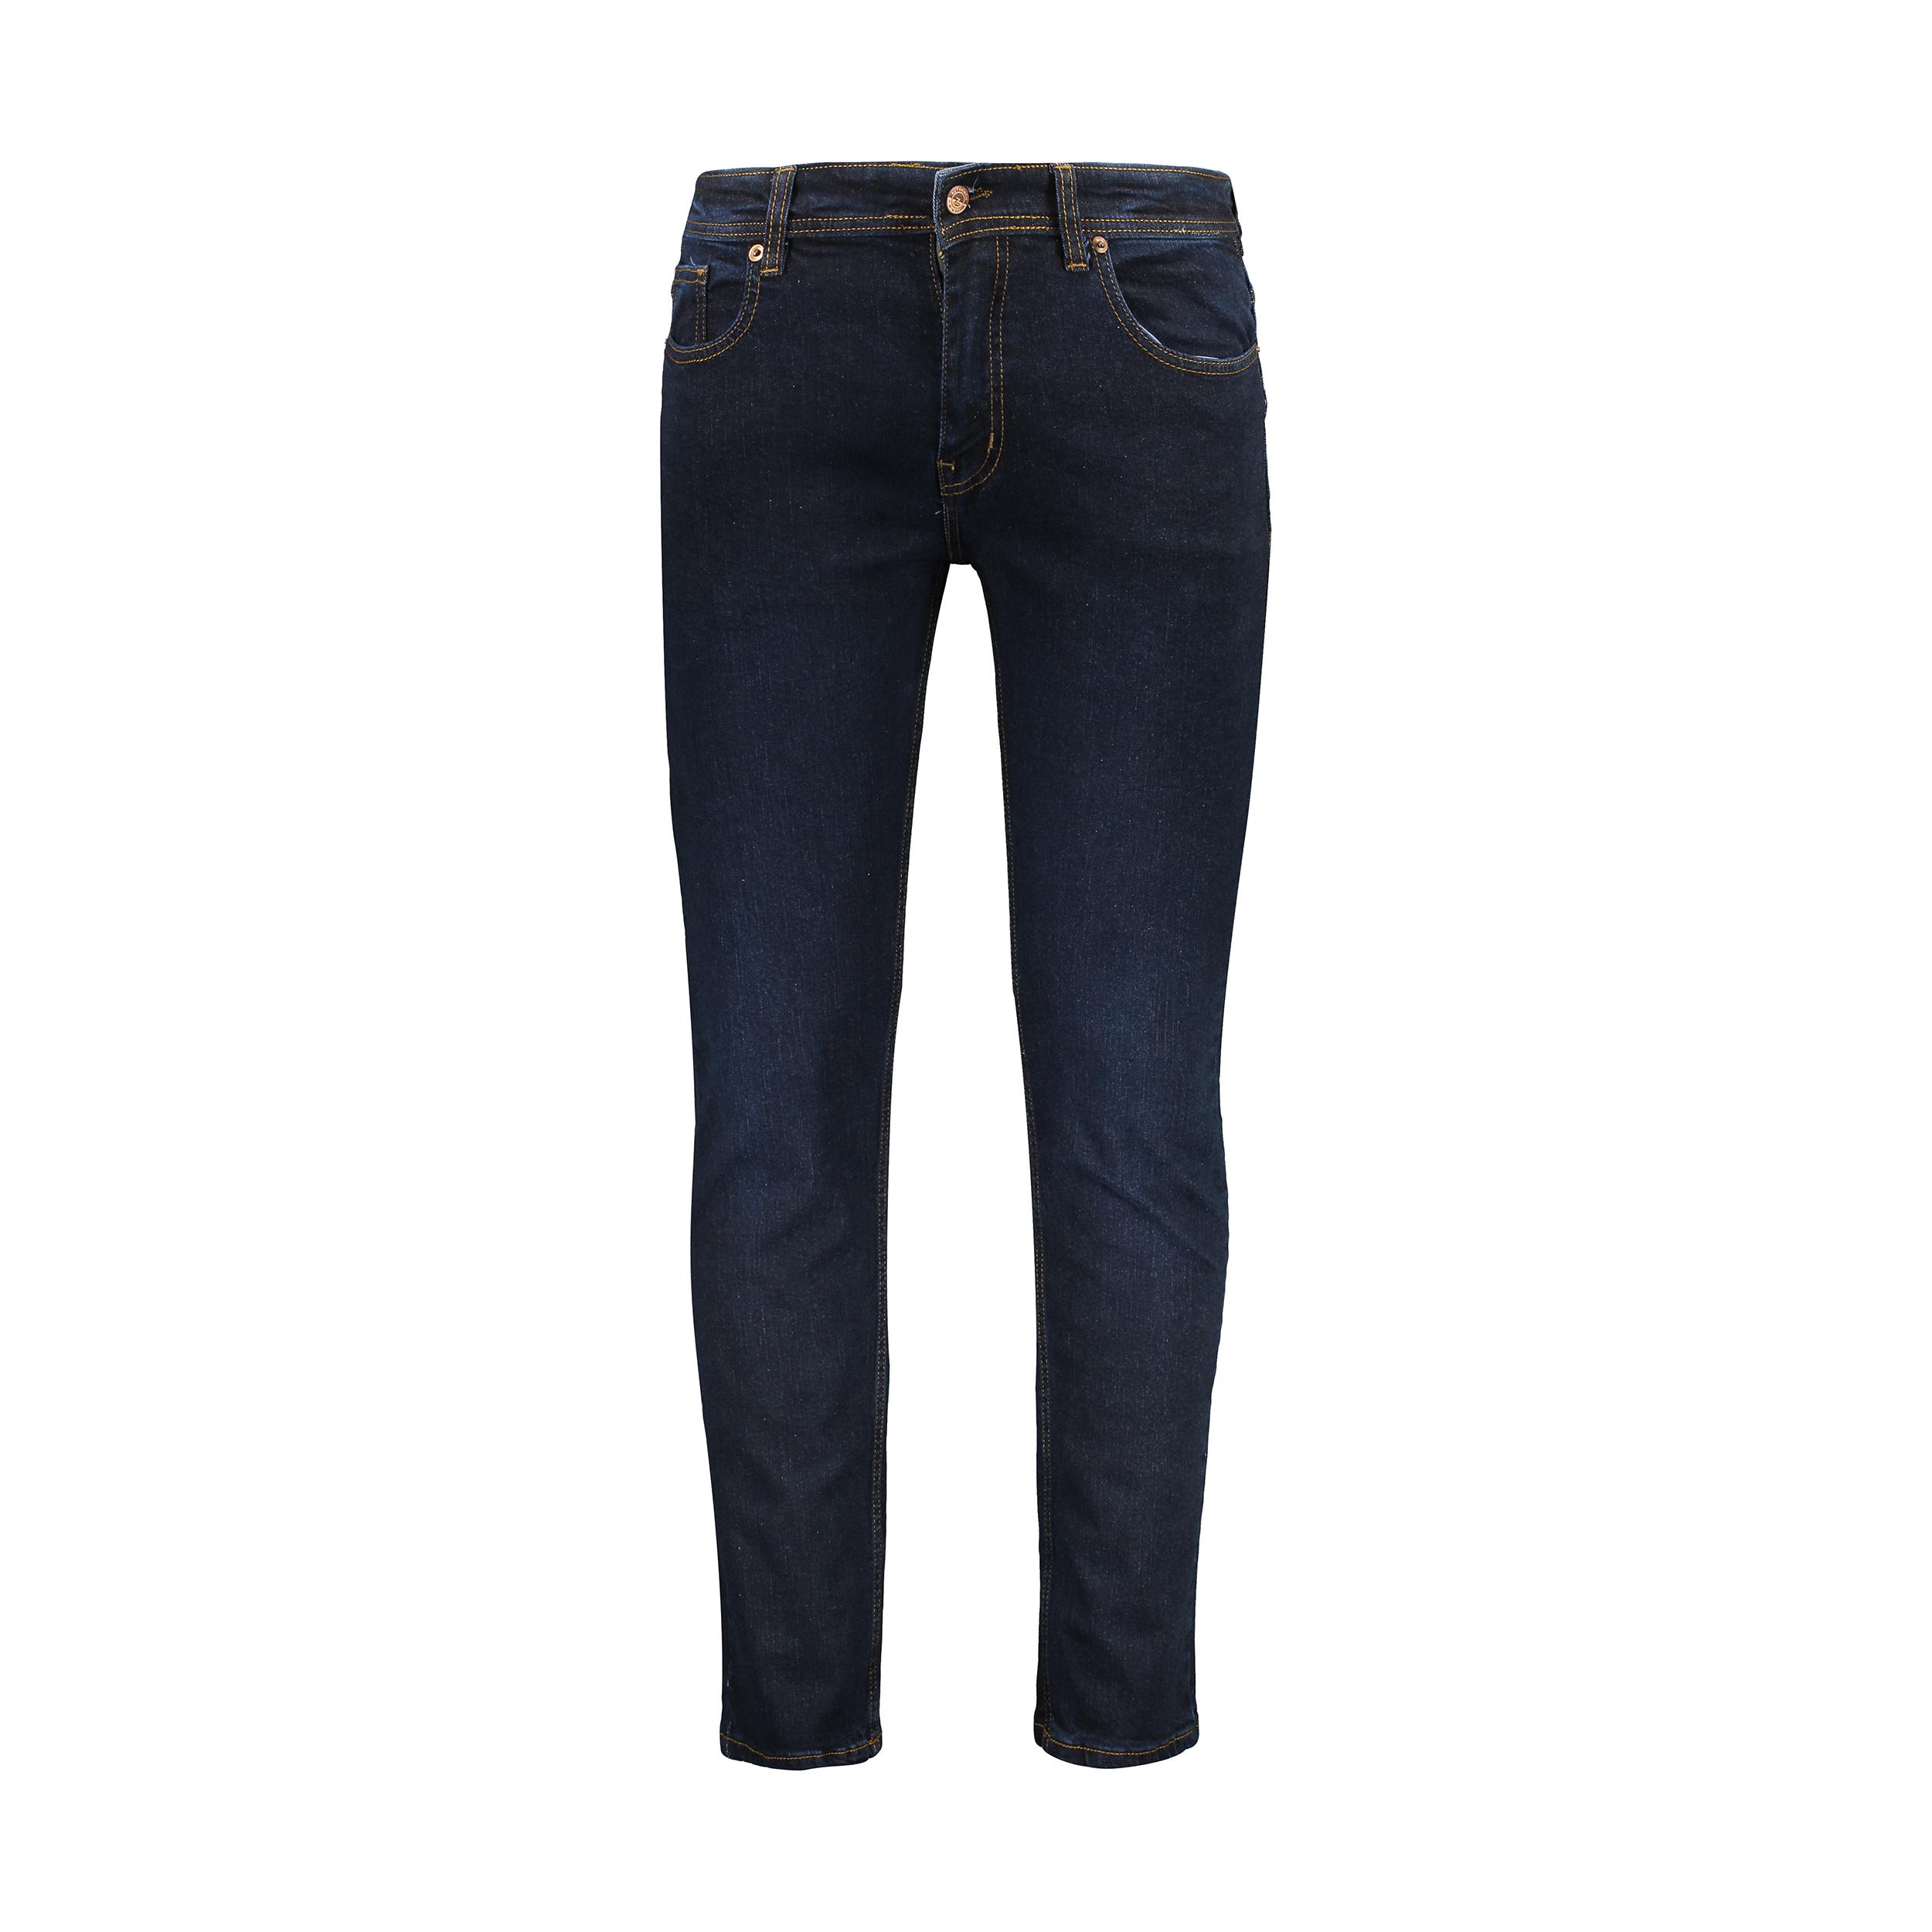 راهنمای خرید شلوار جین مردانه زی مدل 153121659 لیست قیمت